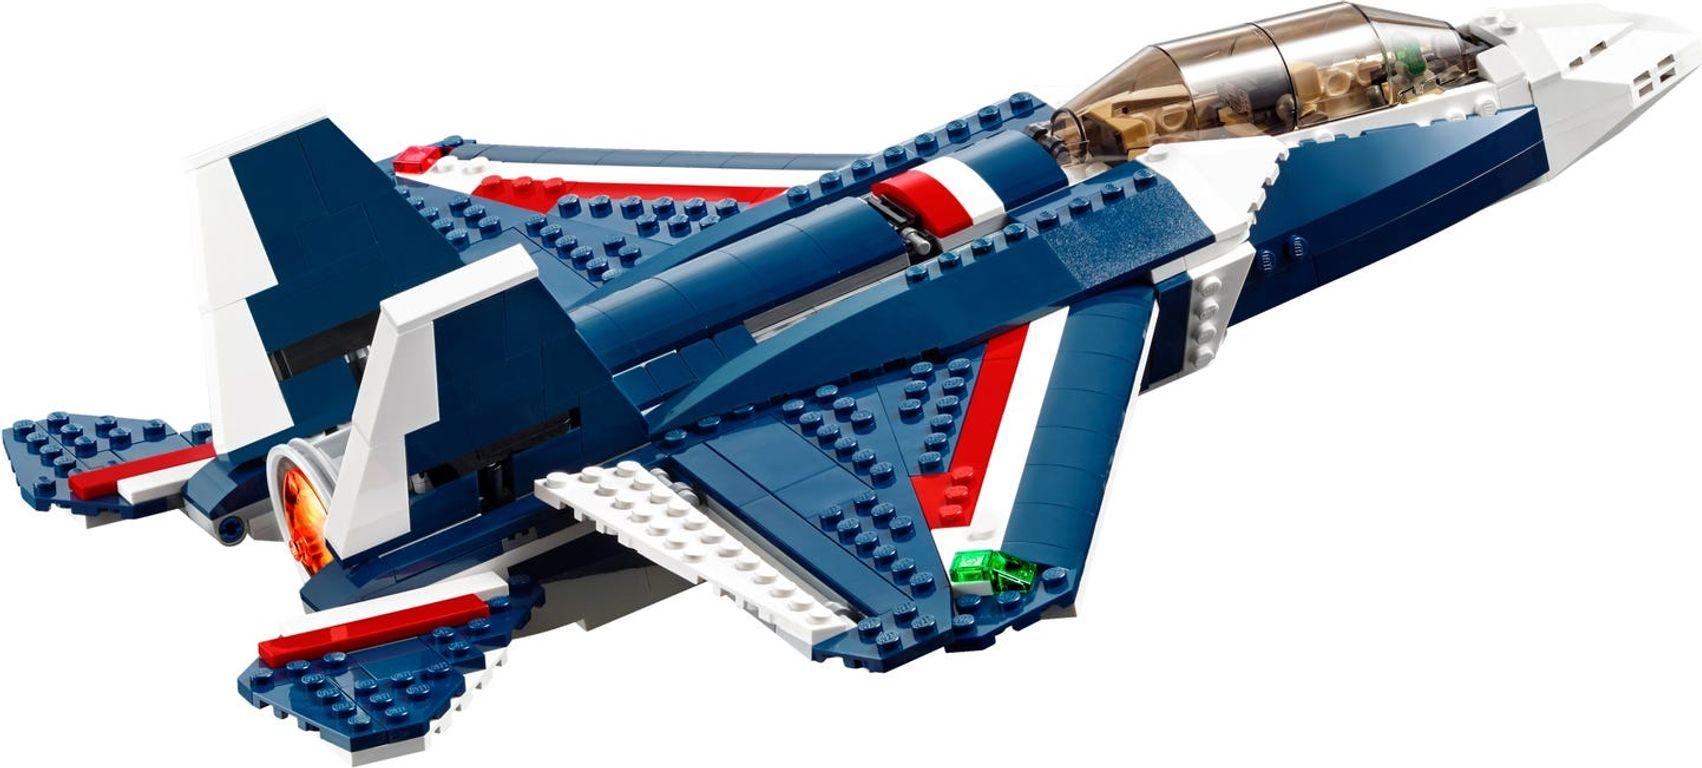 Blue Power Jet back side